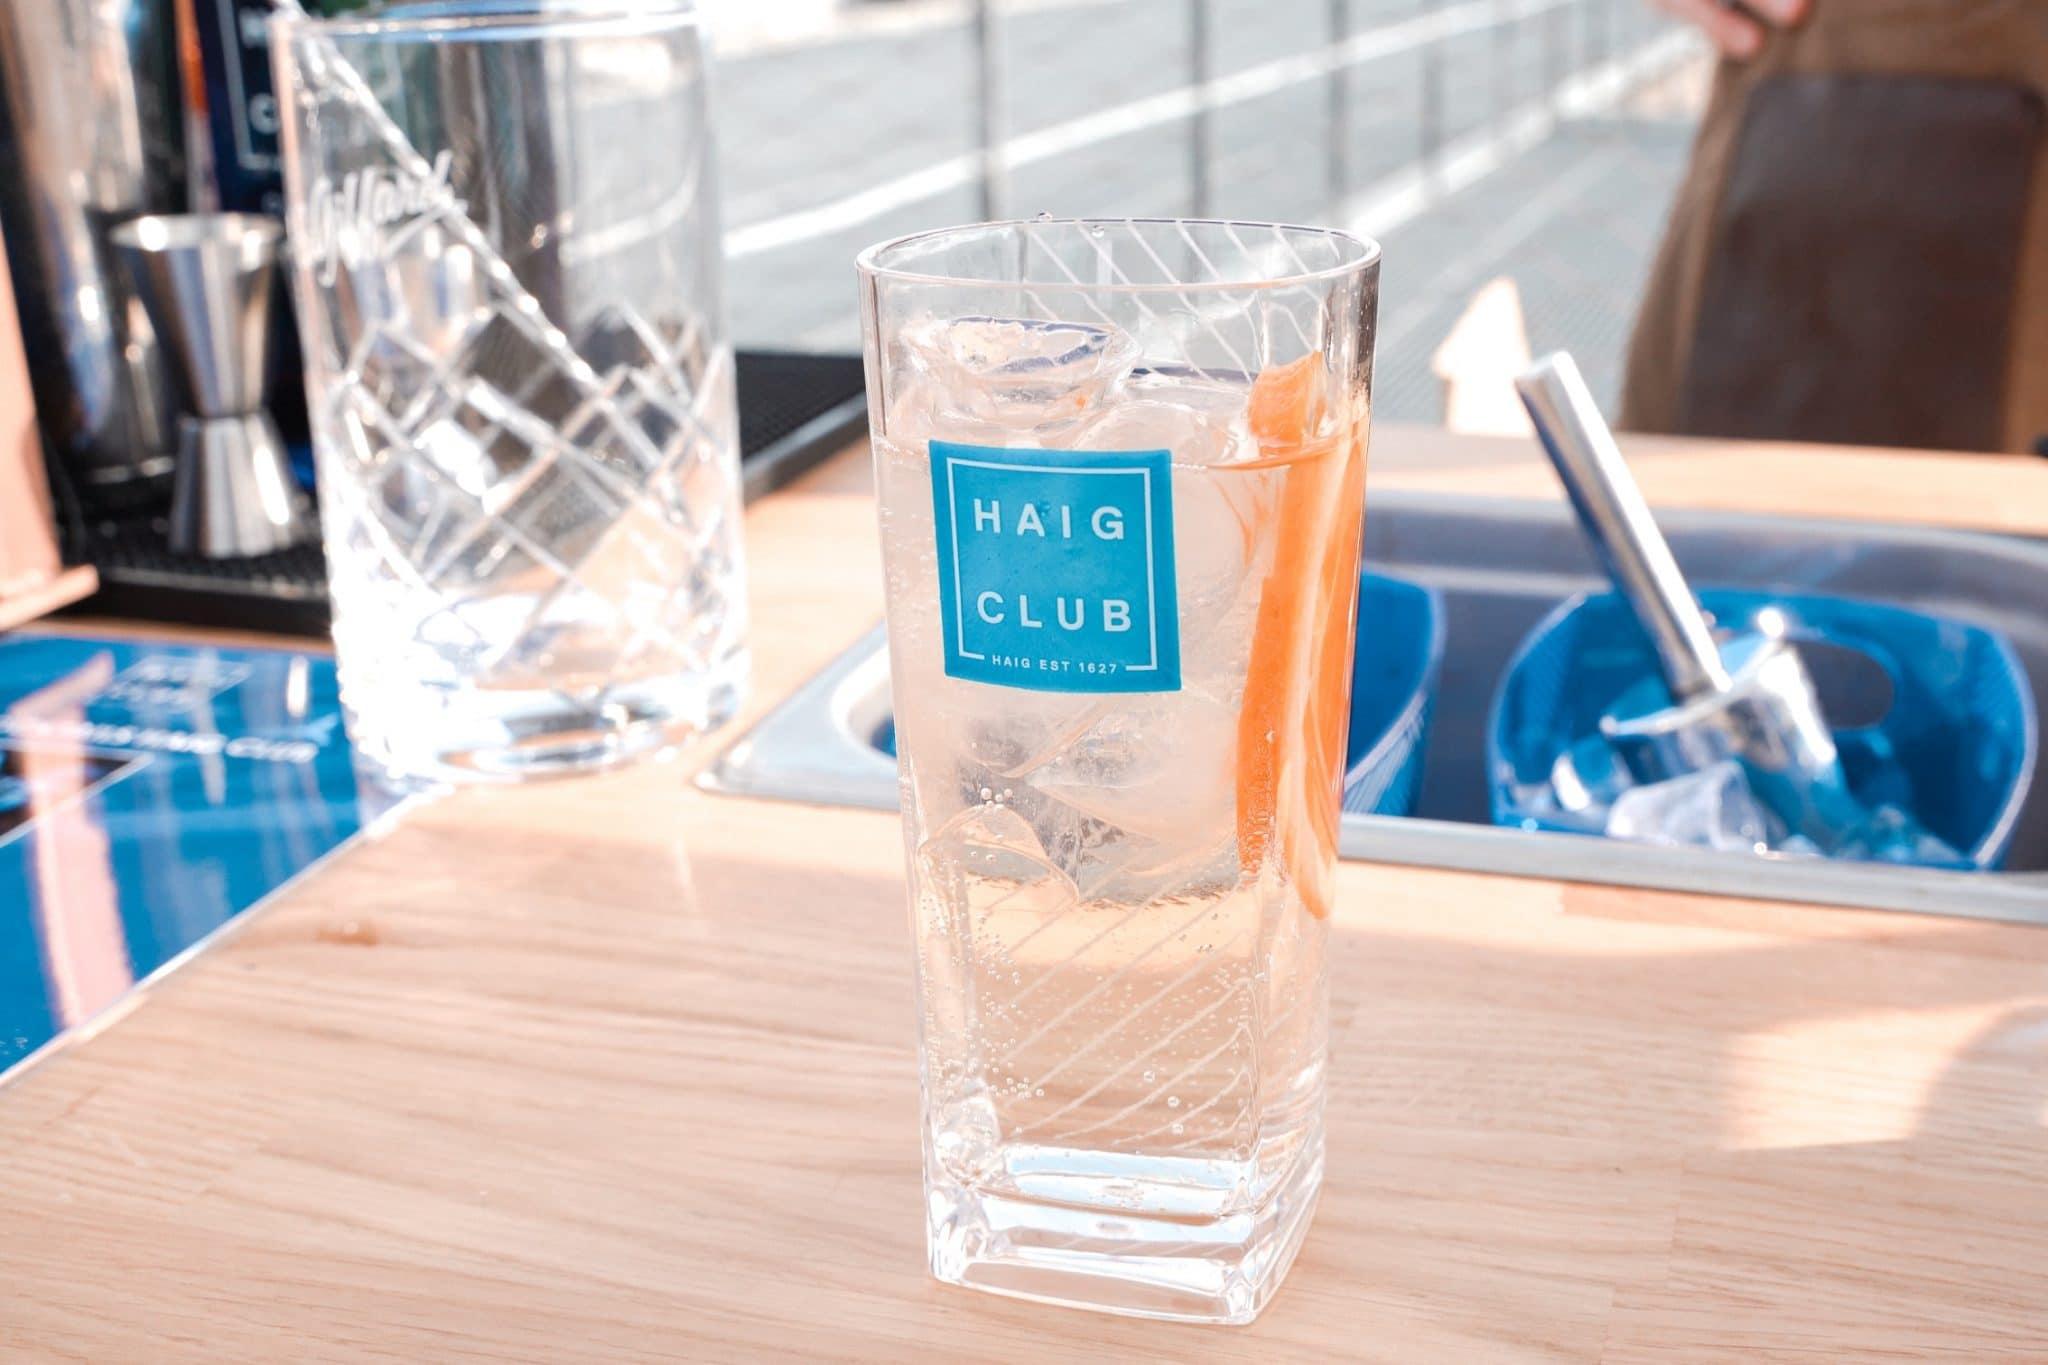 whisky haig club pop up paris 360 bar